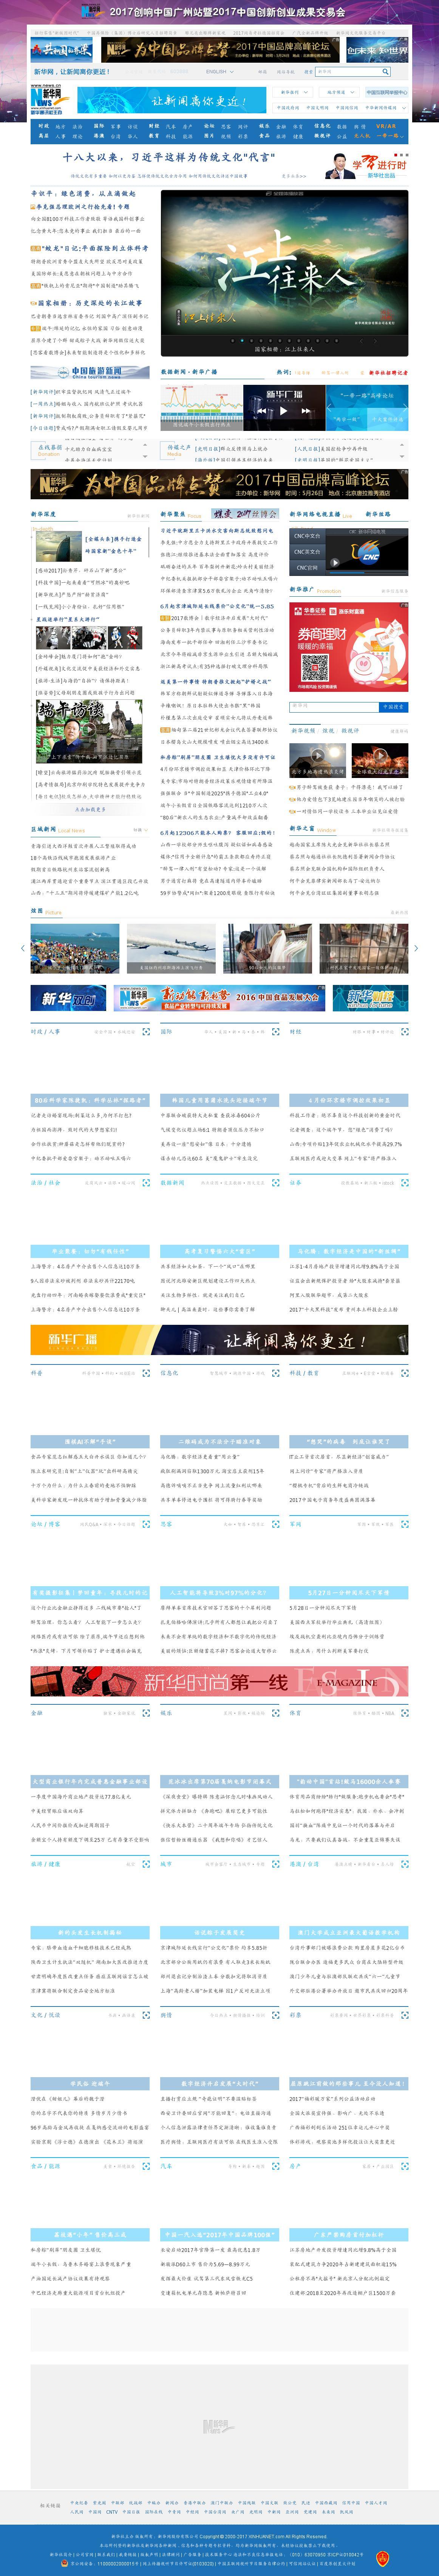 Xinhua at Monday May 29, 2017, 12:39 p.m. UTC